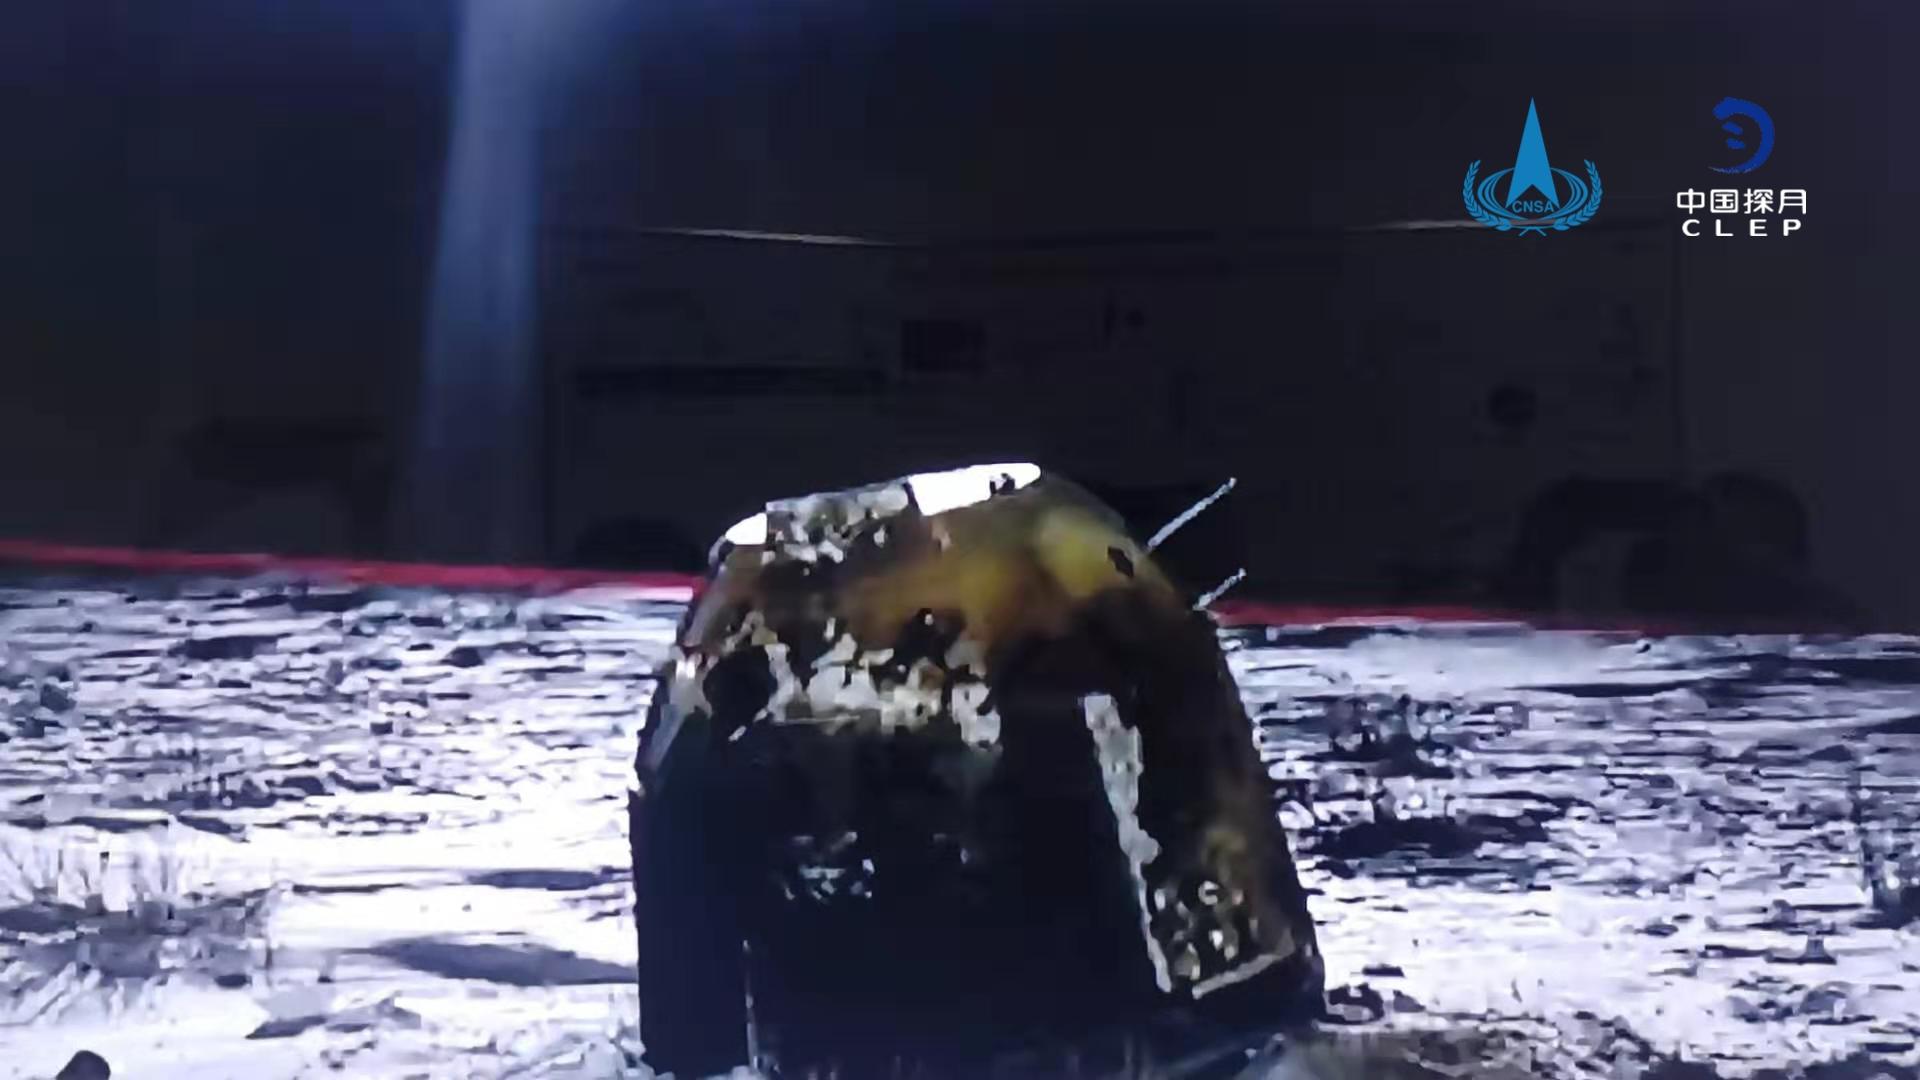 La capsule chinoise de retour d'échantillons Chang'e 5 est vue de retour sur Terre après avoir livré les premiers nouveaux échantillons de roches lunaires en 44 ans. L'atterrissage a eu lieu à 1 h 59 le 17 décembre heure de Beijing dans la banni